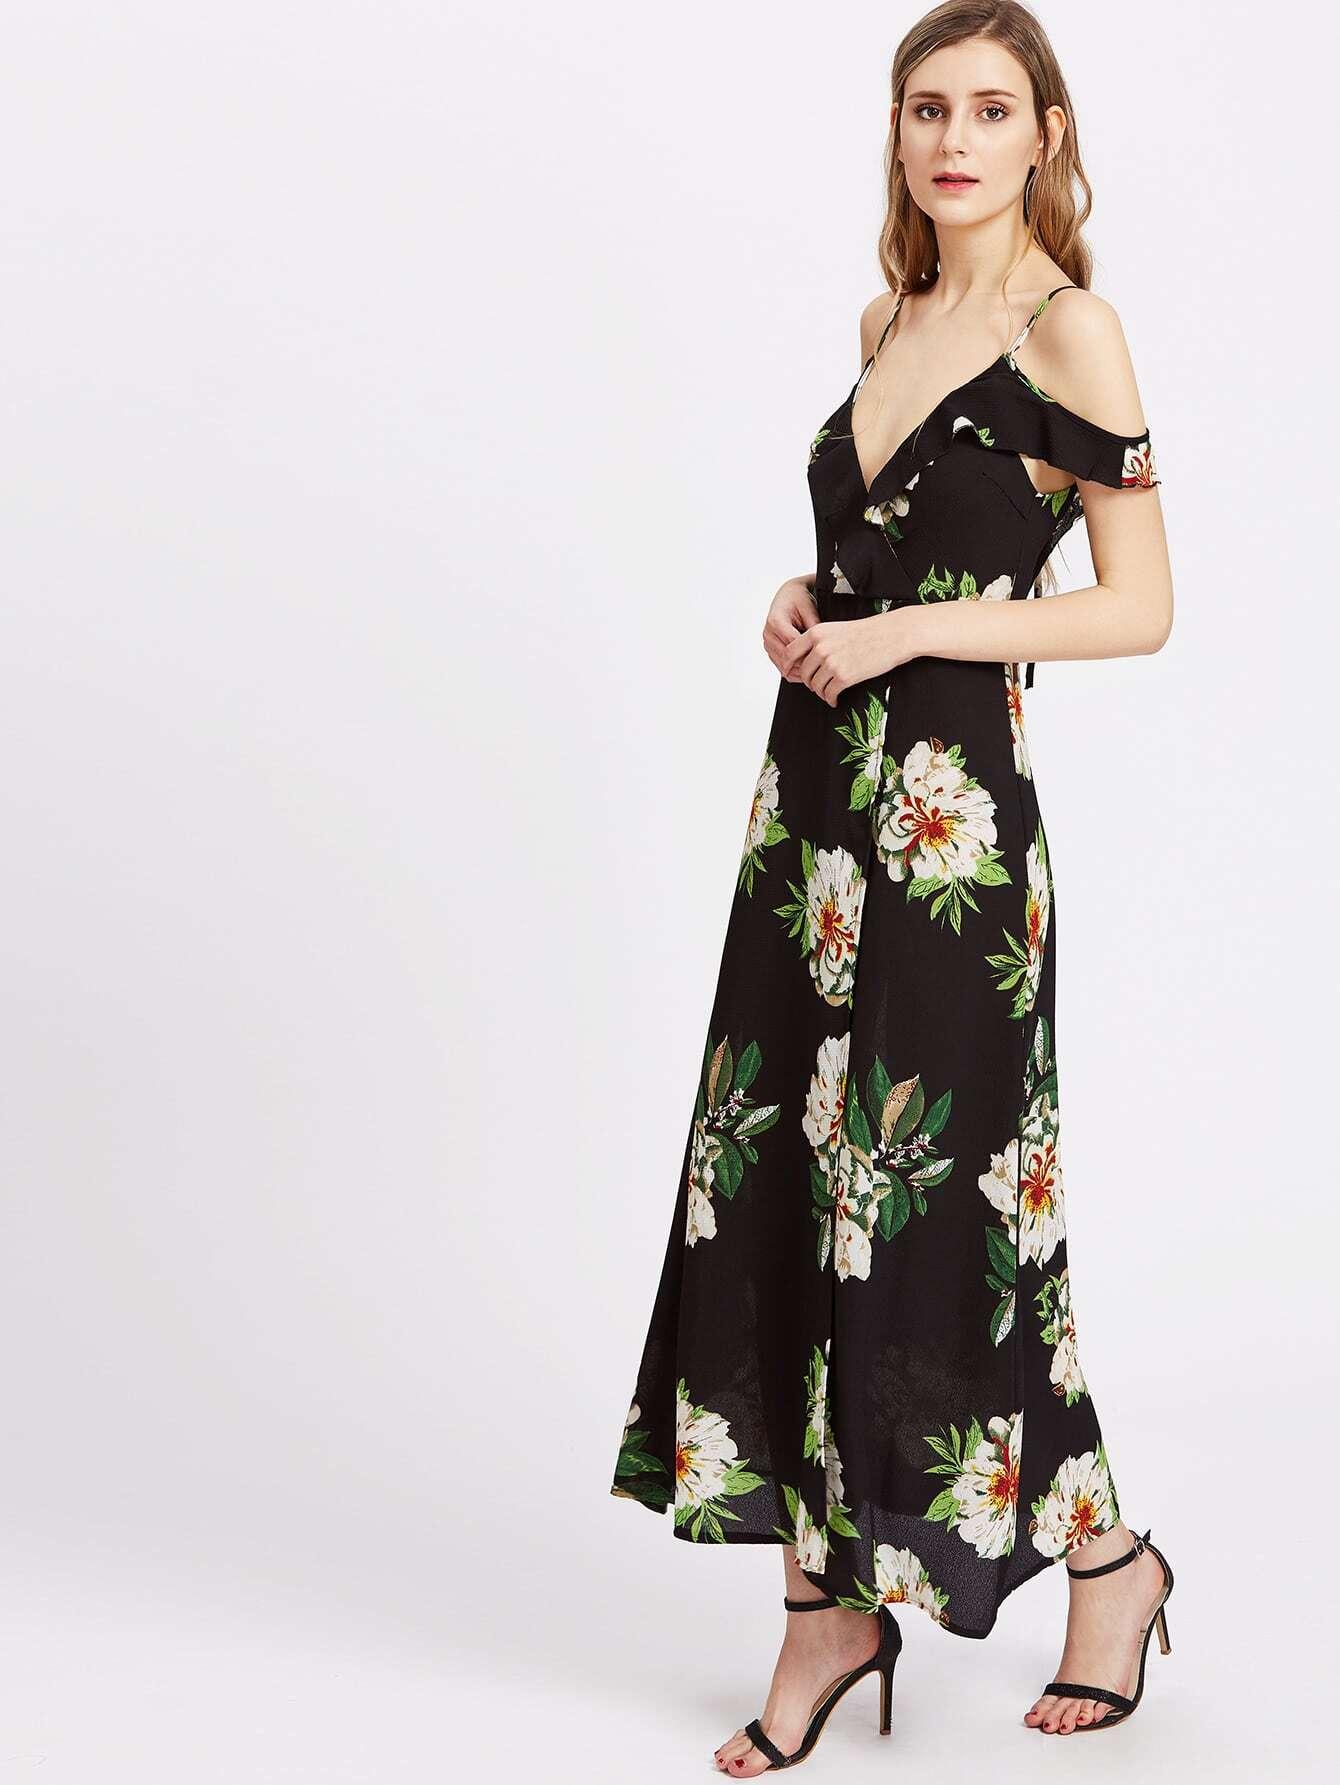 dress170405105_2